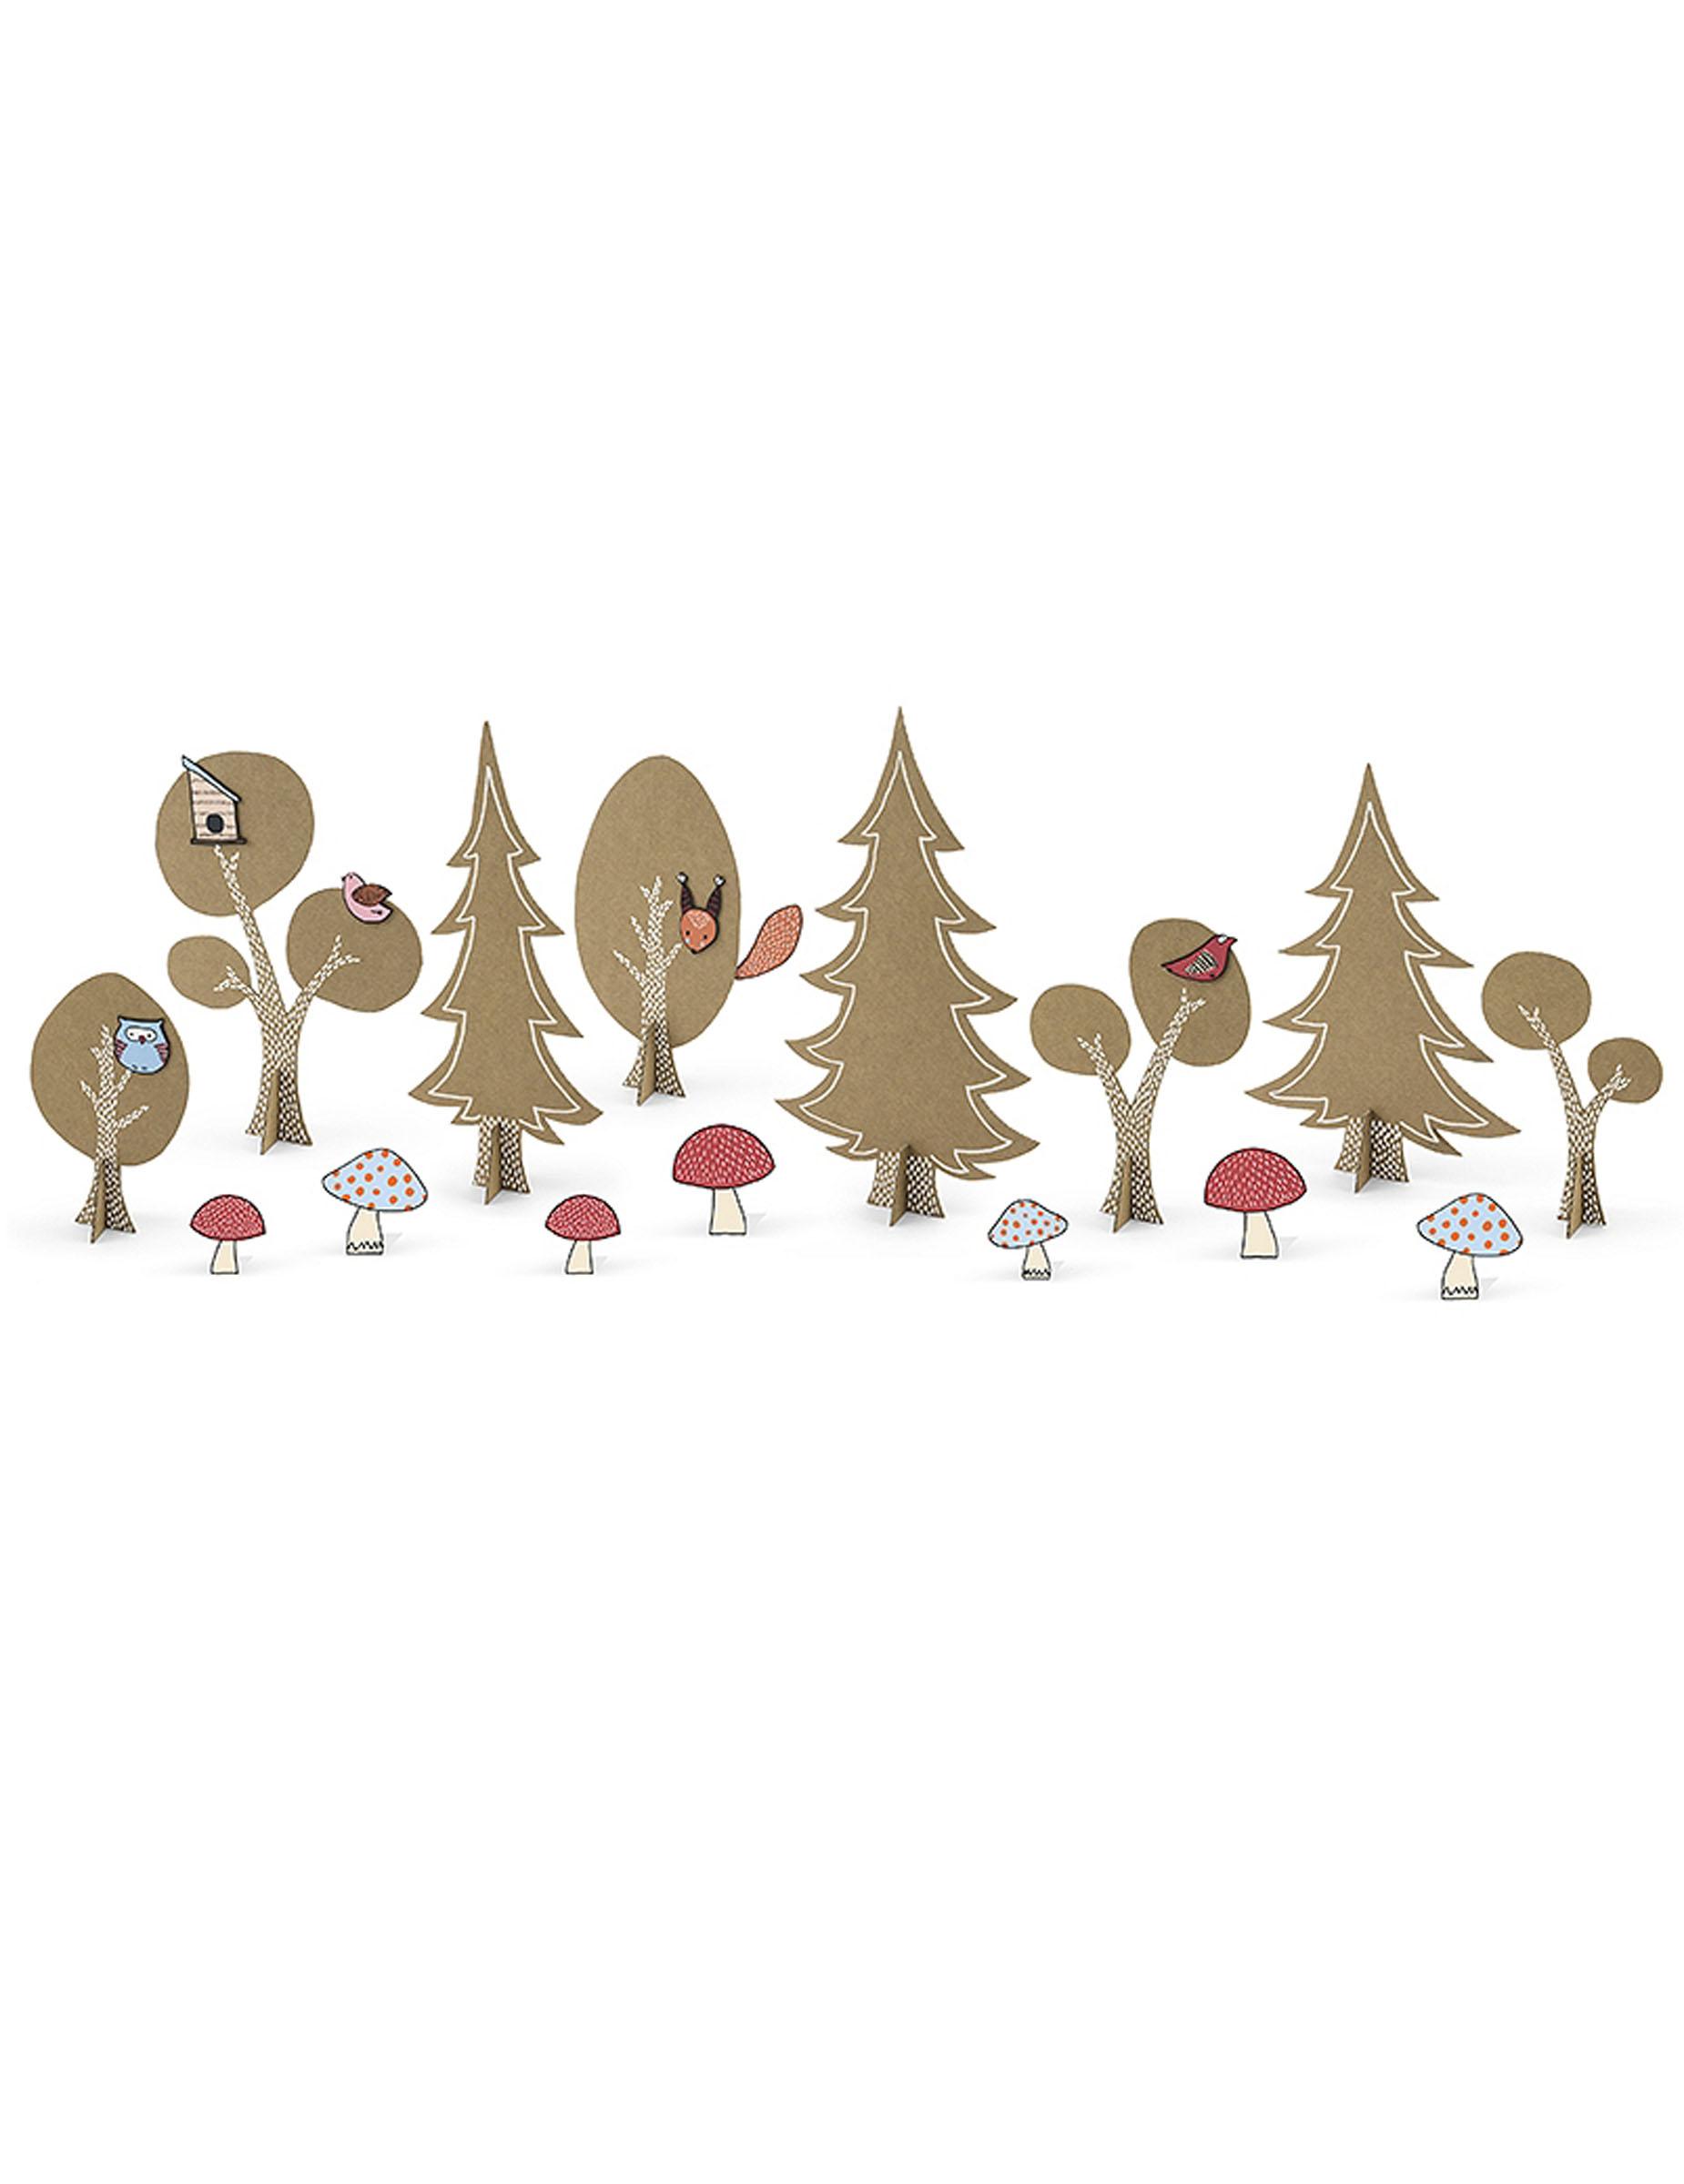 Wald-Tischdekoration 14-teilig braun-rosa-weiss 164946